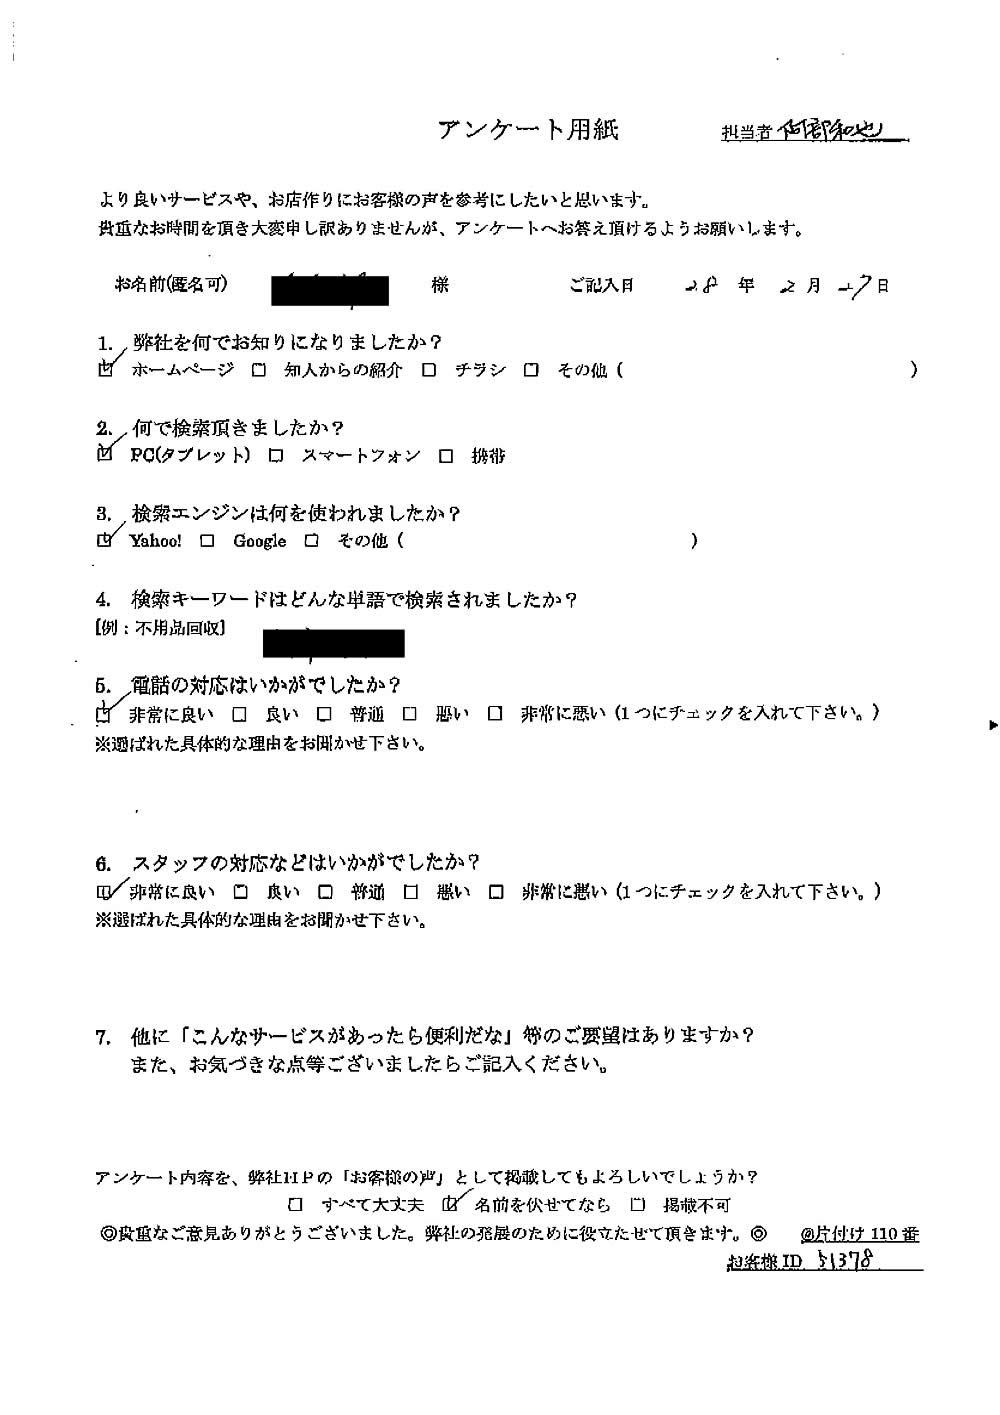 【秋田市】家庭用小型金庫の処分☆対応にもご安心いただけました!